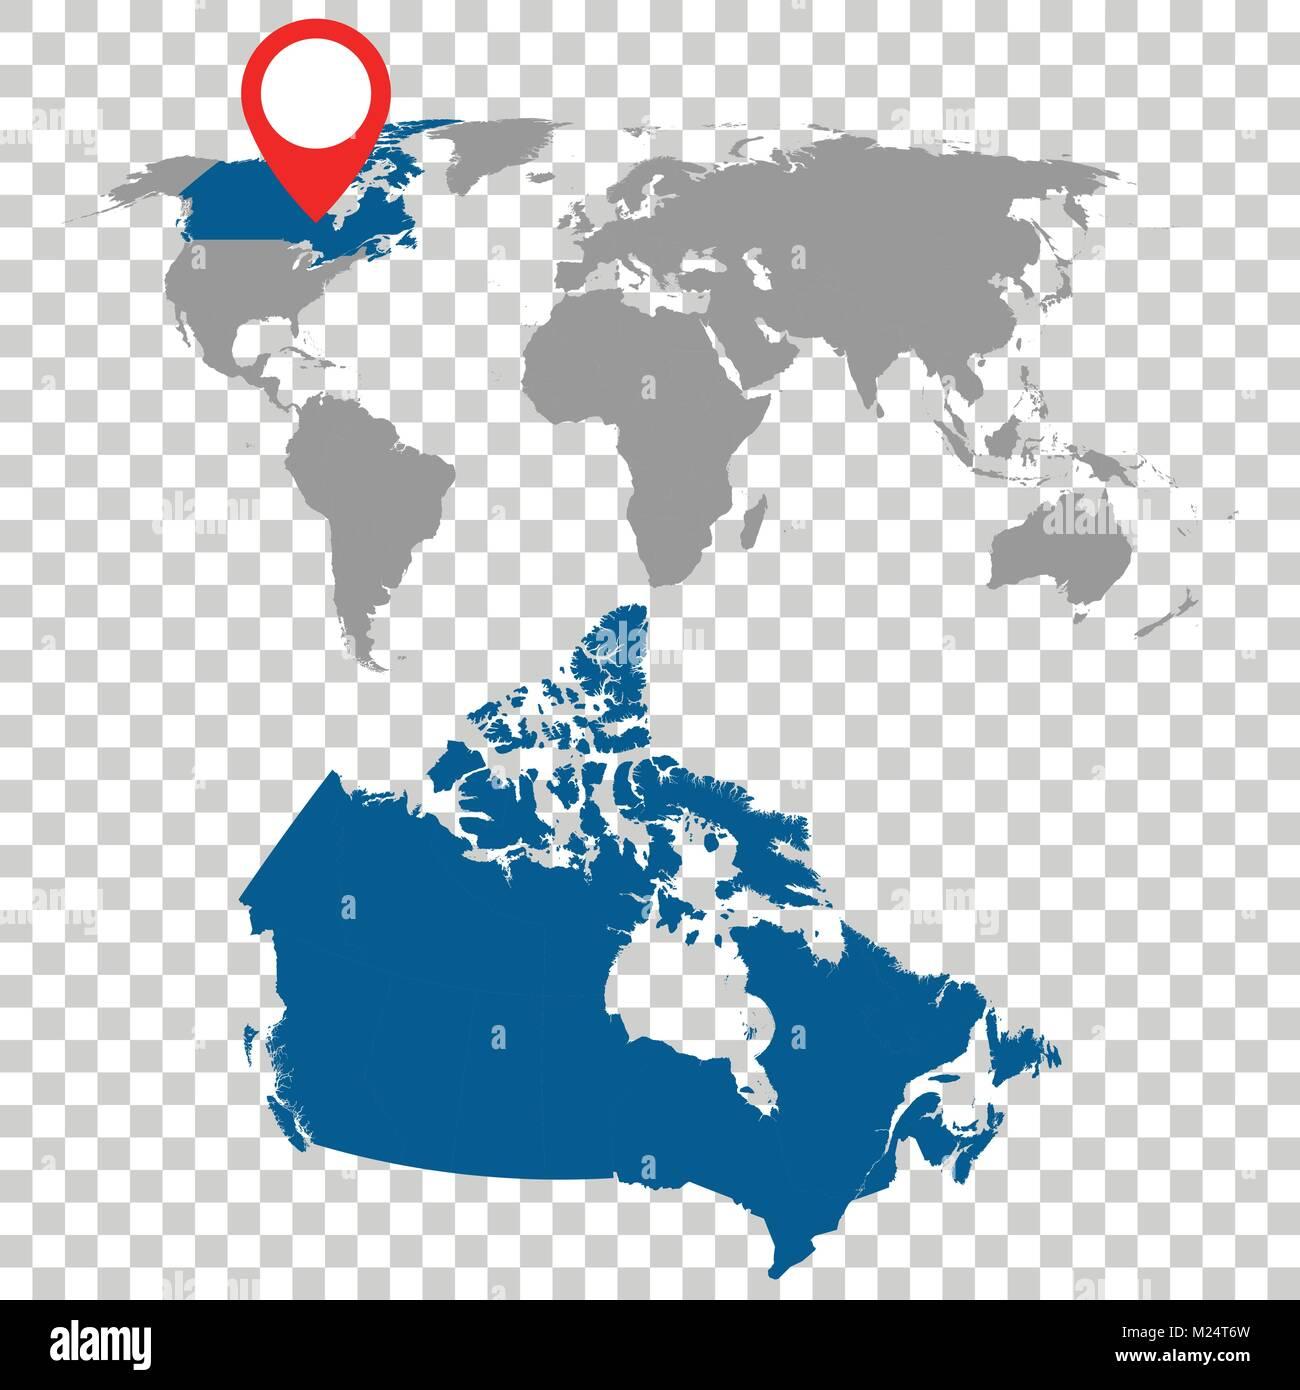 Detailed Map Of Canada.Detailed Map Of Canada And World Map Navigation Set Flat Vector